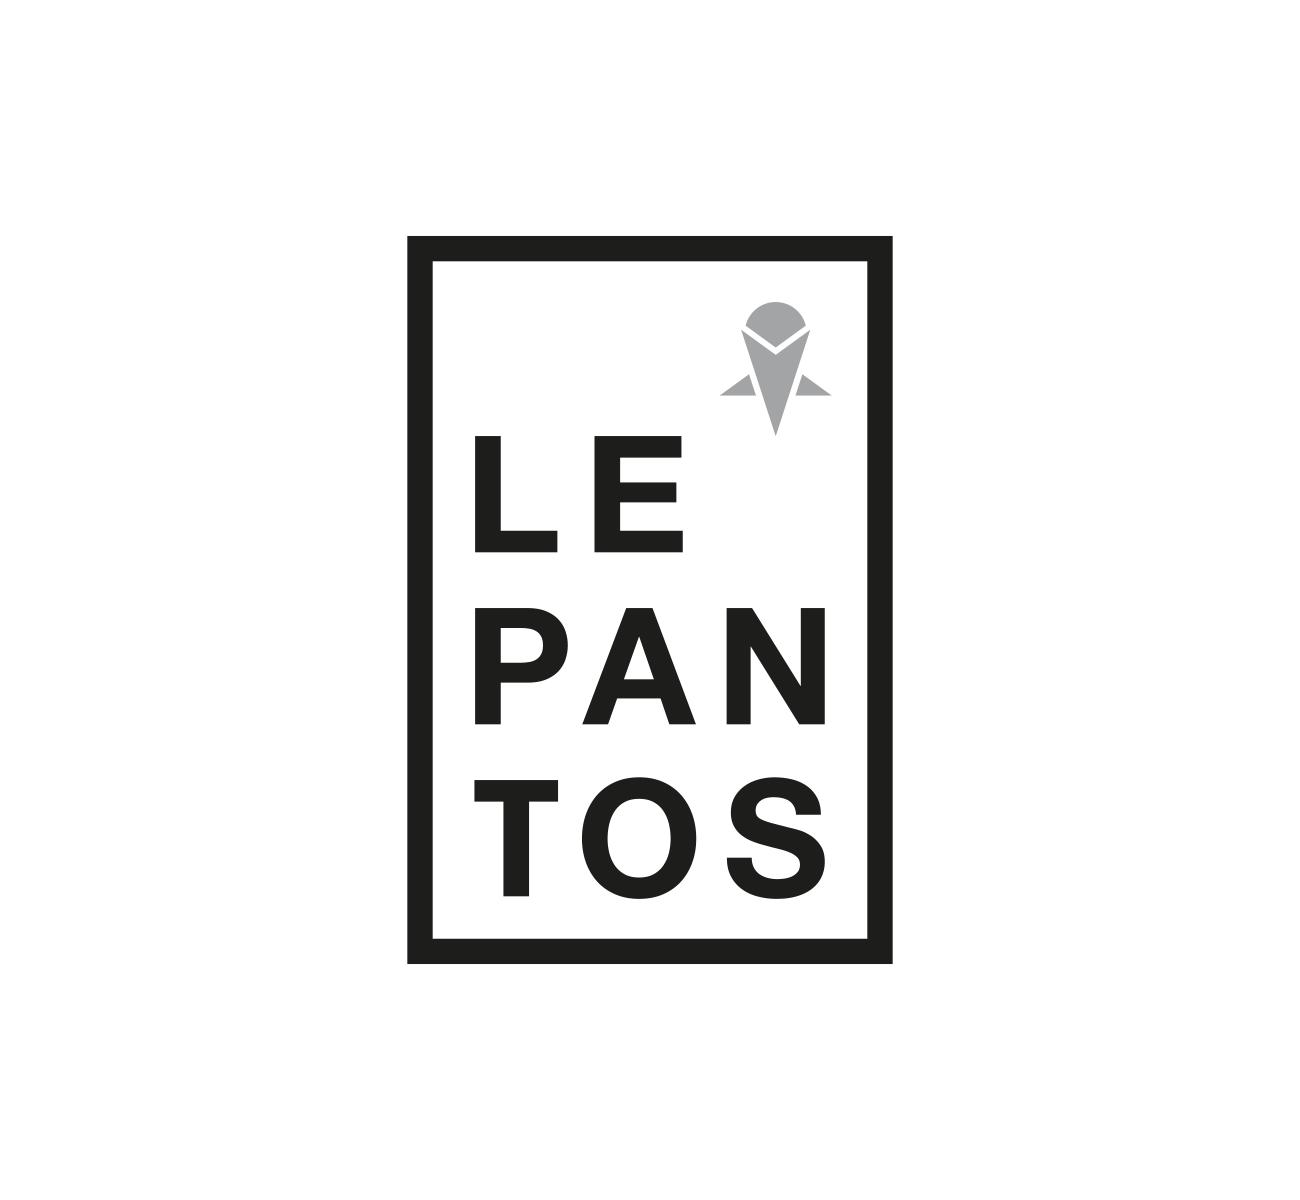 lepantos_logo_1300